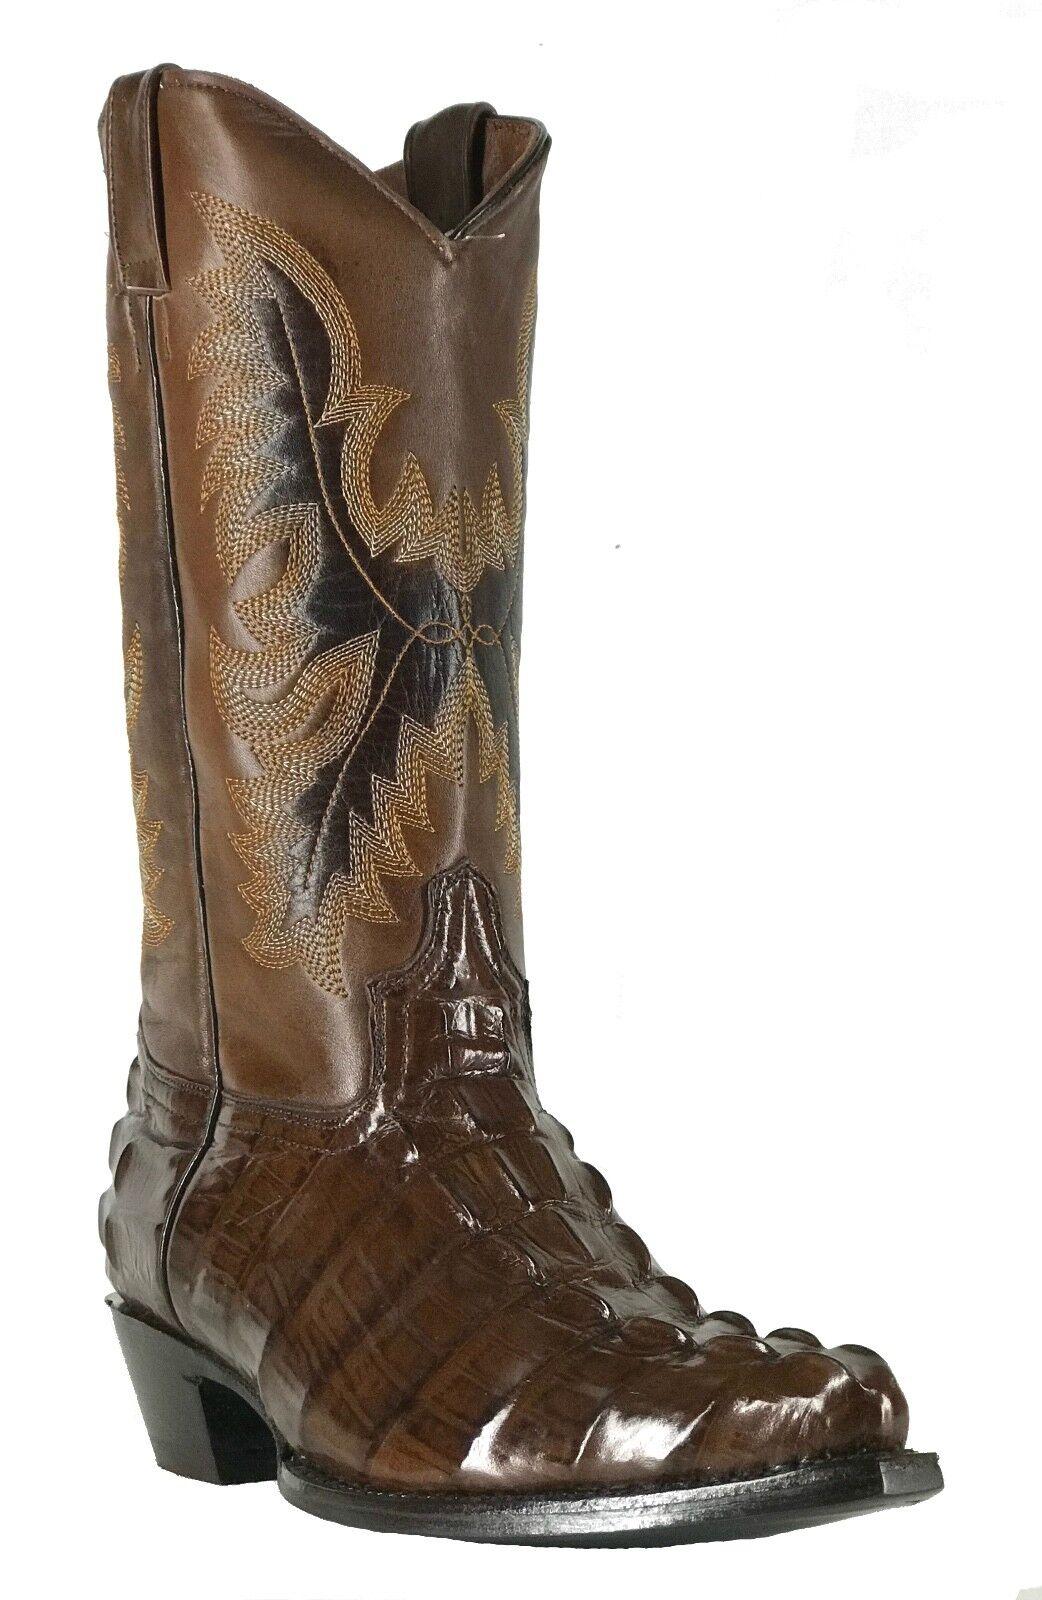 Para Mujeres Mujeres Mujeres Cuero Nuevo Diseño Cocodrilo Western Cowgirl Biker botas SNIP Marrón 1272d4